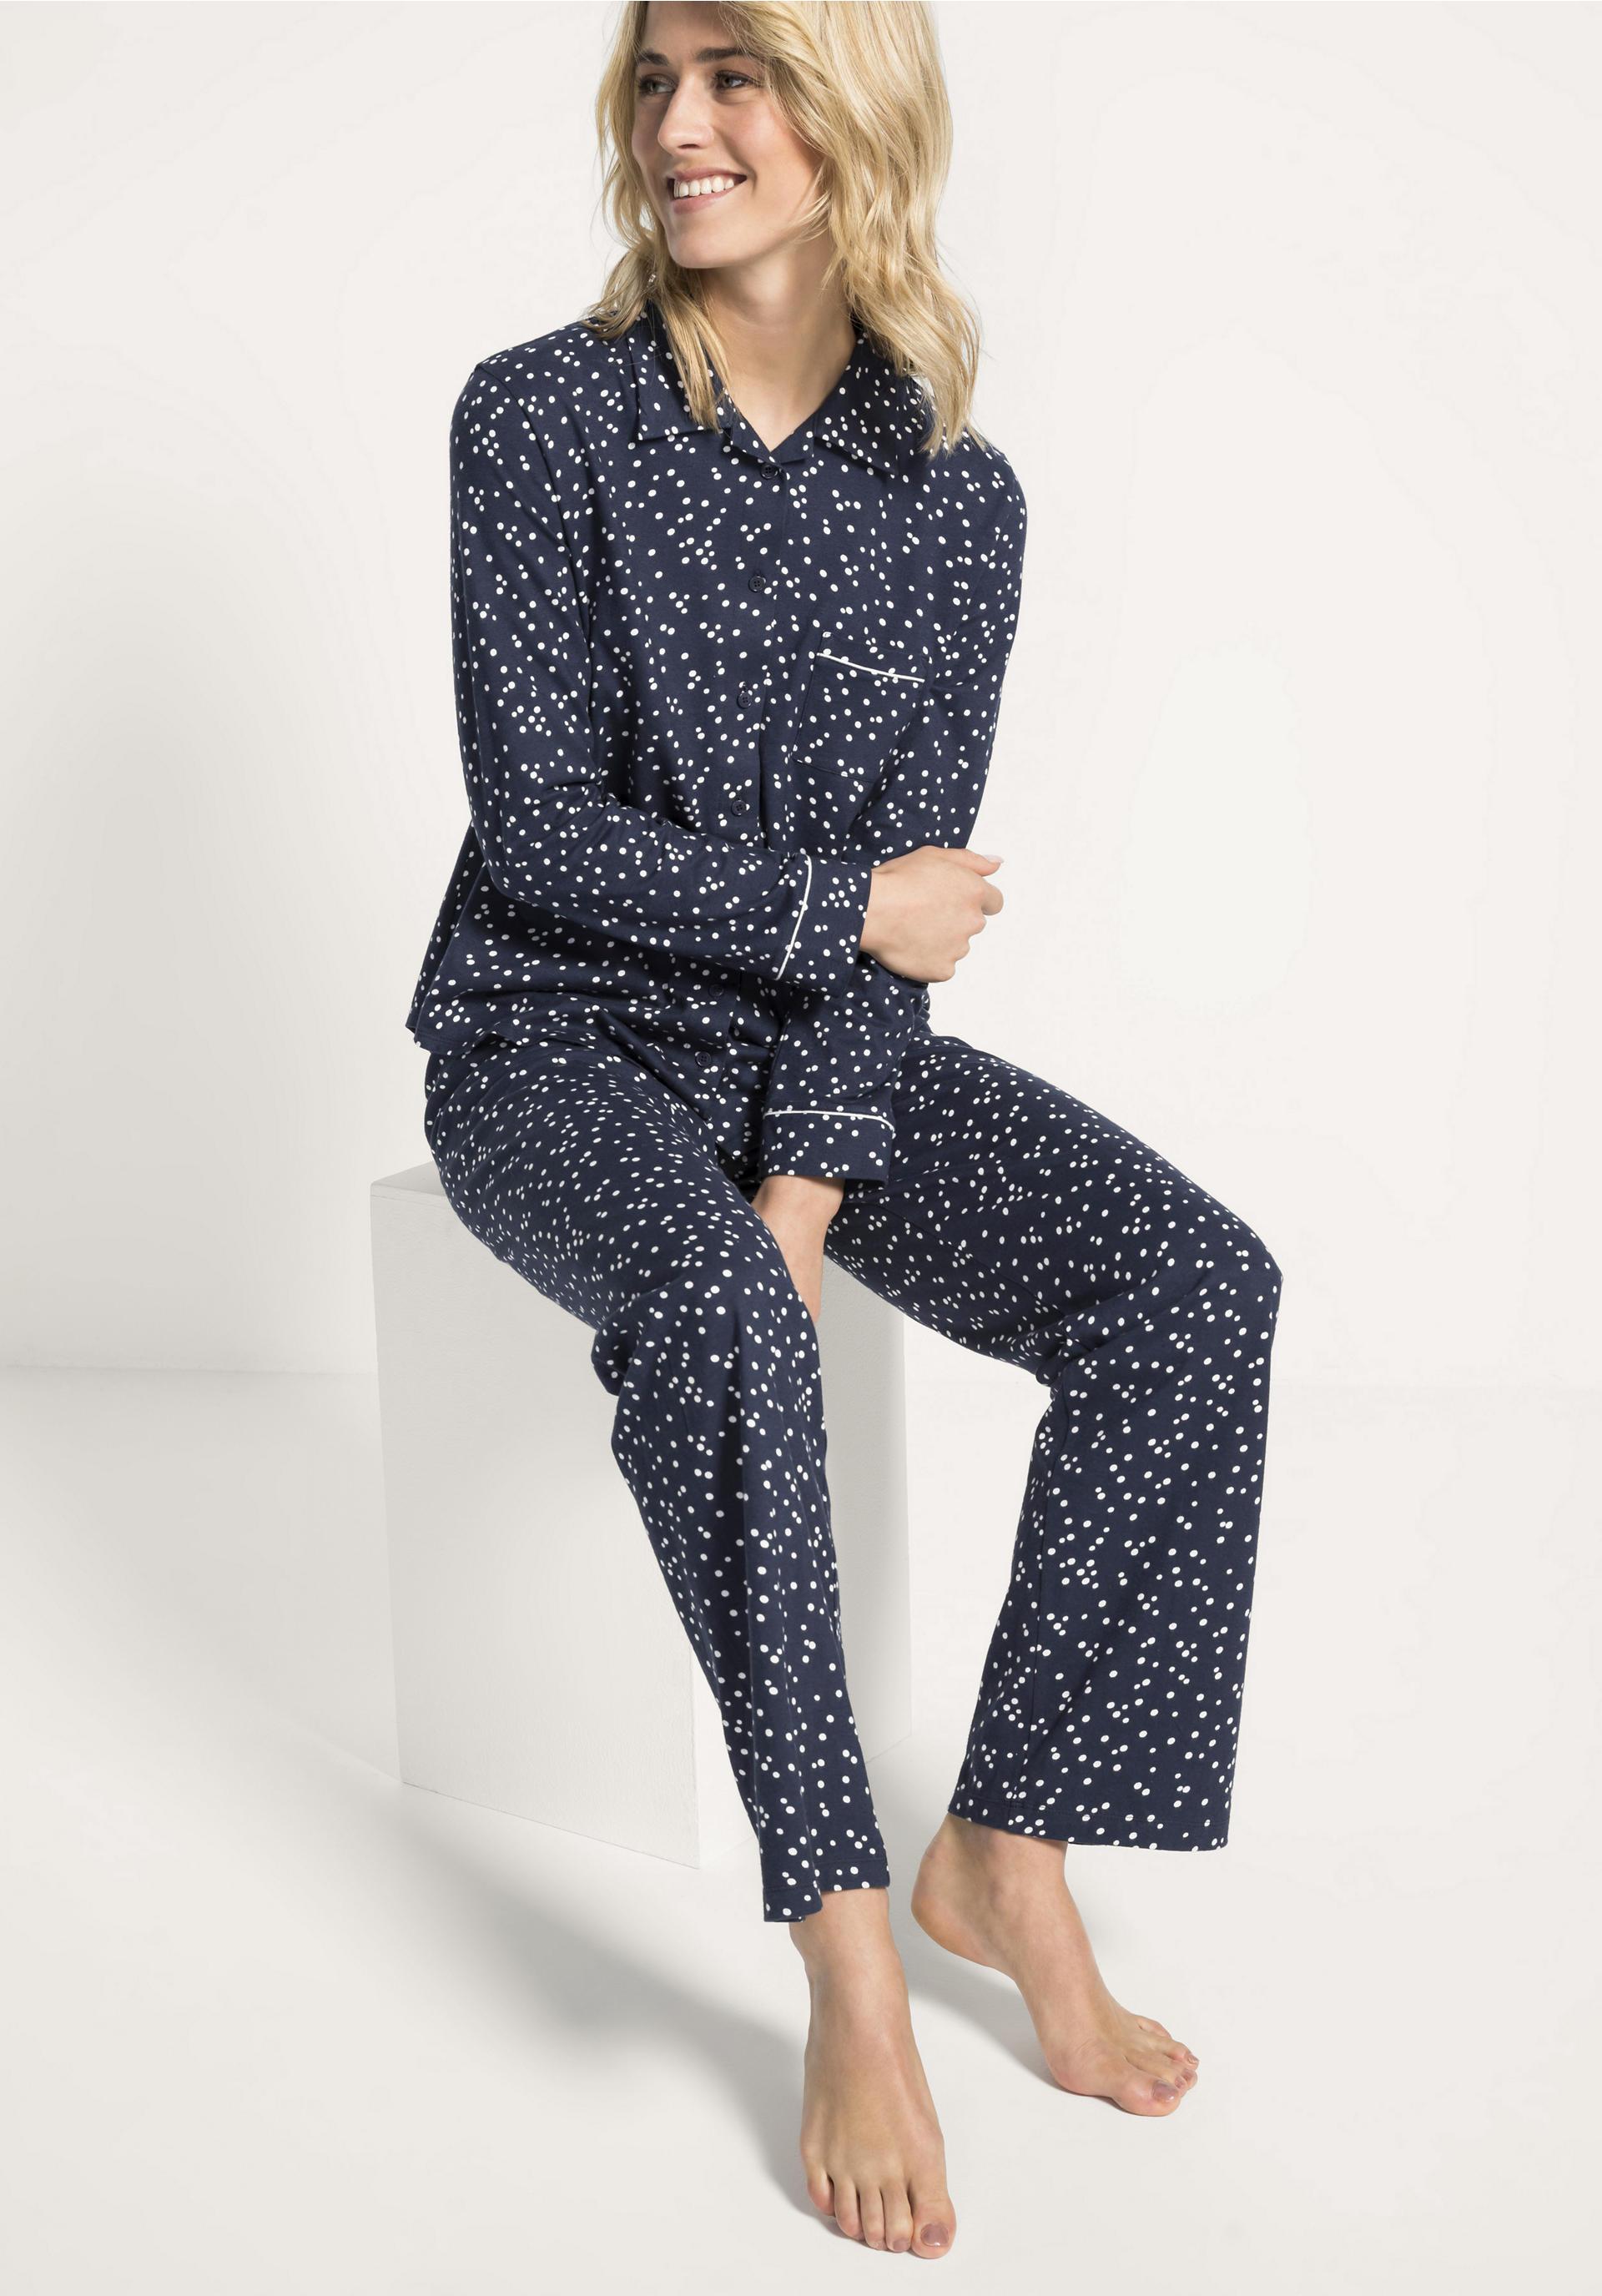 new york a4aac 682fa Damen Pyjama aus reiner Bio-Baumwolle von hessnatur